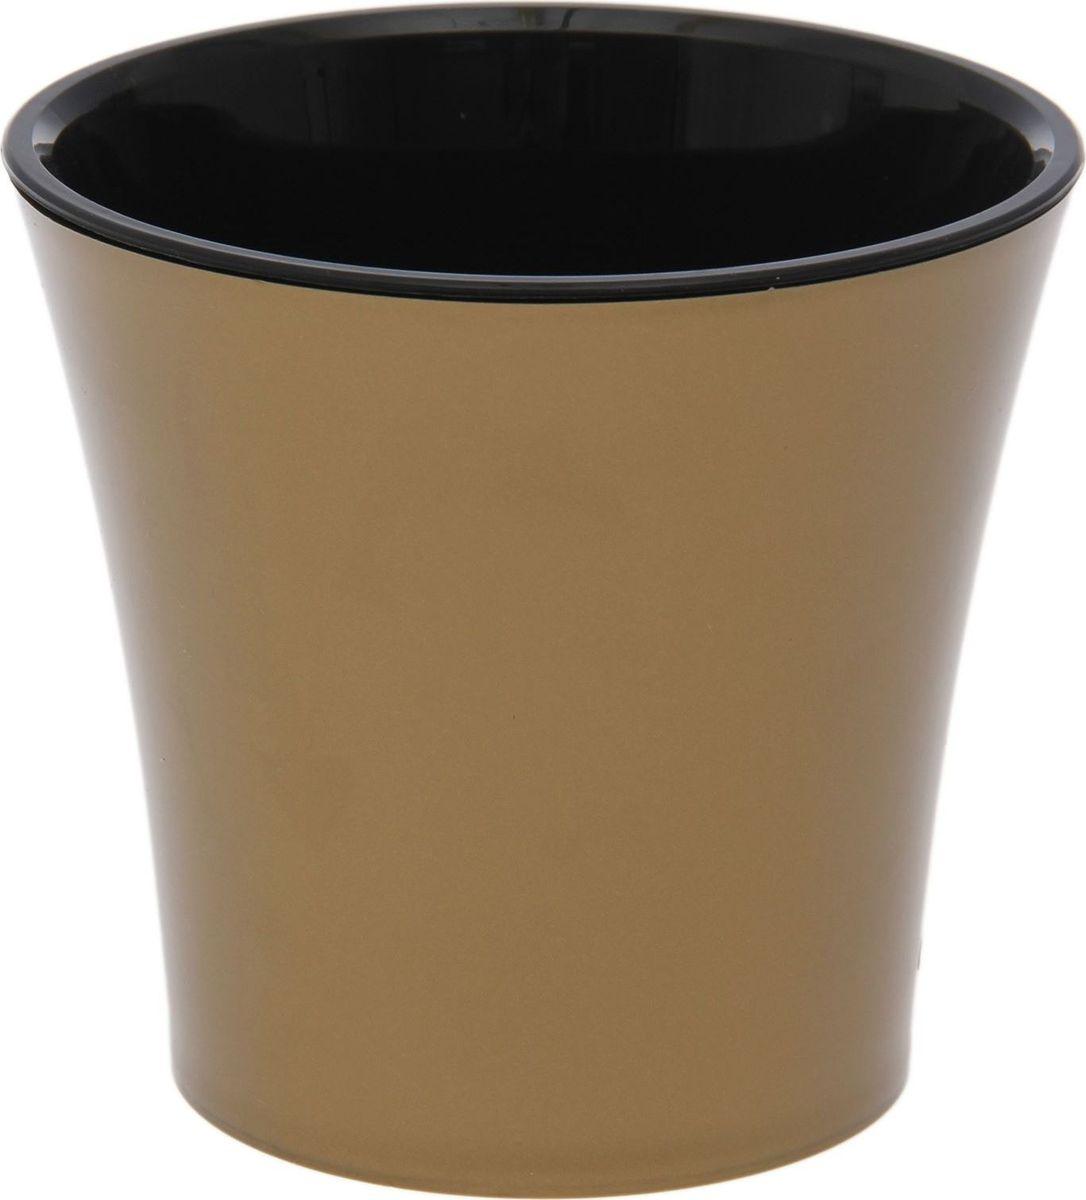 Горшок для цветов Santino Арте, цвет: золотистый, черный, 0,6 л531-105Любой, даже самый современный и продуманный интерьер будет незавершённым без растений. Они не только очищают воздух и насыщают его кислородом, но и украшают окружающее пространство. Такому полезному члену семьи просто необходим красивый и функциональный дом! Мы предлагаем Горшок 600 мл Арте, цвет золотой-черный! Оптимальный выбор материала — пластмасса! Почему мы так считаем? -Малый вес. С лёгкостью переносите горшки и кашпо с места на место, ставьте их на столики или полки, не беспокоясь о нагрузке.-Простота ухода. Кашпо не нуждается в специальных условиях хранения. Его легко чистить — достаточно просто сполоснуть тёплой водой.-Никаких потёртостей. Такие кашпо не царапают и не загрязняют поверхности, на которых стоят.-Пластик дольше хранит влагу, а значит, растение реже нуждается в поливе.-Пластмасса не пропускает воздух — корневой системе растения не грозят резкие перепады температур. -Огромный выбор форм, декора и расцветок — вы без труда найдёте что-то, что идеально впишется в уже существующий интерьер.Соблюдая нехитрые правила ухода, вы можете заметно продлить срок службы горшков и кашпо из пластика: -всегда учитывайте размер кроны и корневой системы (при разрастании большое растение способно повредить маленький горшок)-берегите изделие от воздействия прямых солнечных лучей, чтобы горшки не выцветали-держите кашпо из пластика подальше от нагревающихся поверхностей. Создавайте прекрасные цветочные композиции, выращивайте рассаду или необычные растения. Размеры внутреннего вкладыша - высота 10 см, верхний диаметр - 11 см, нижний - 8 см.